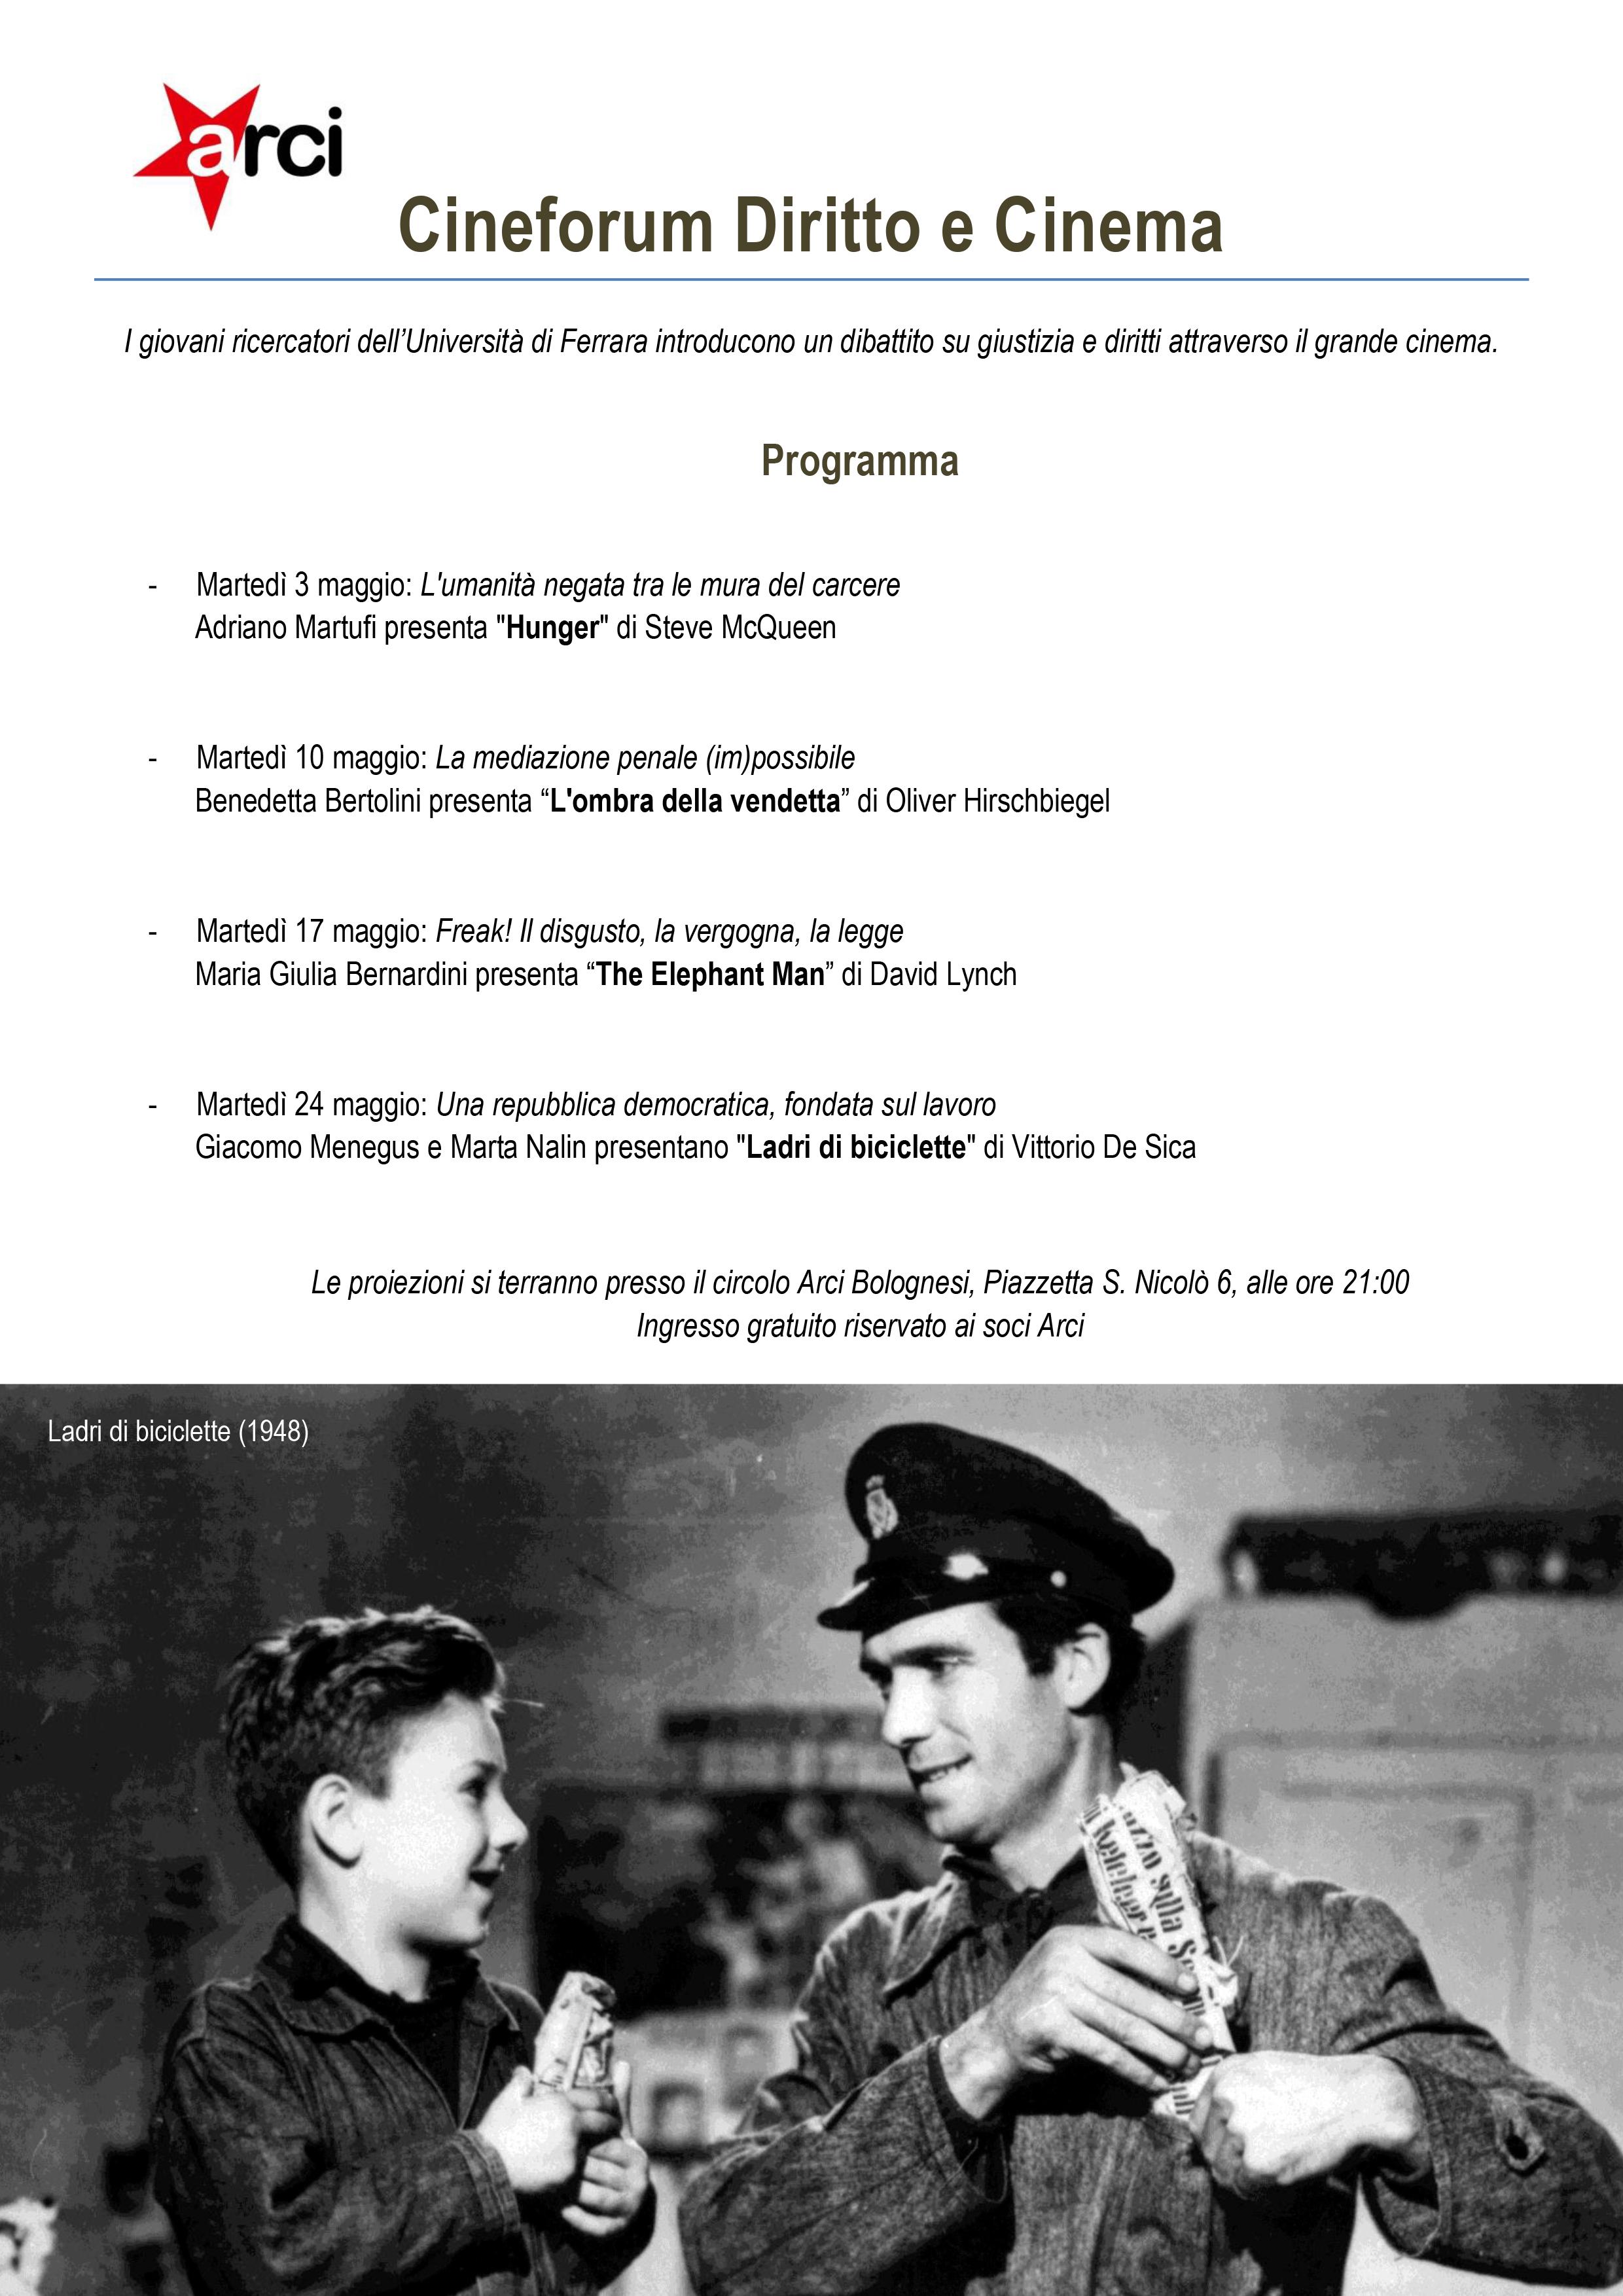 Programma-cineforum-Diritto-e-cinema